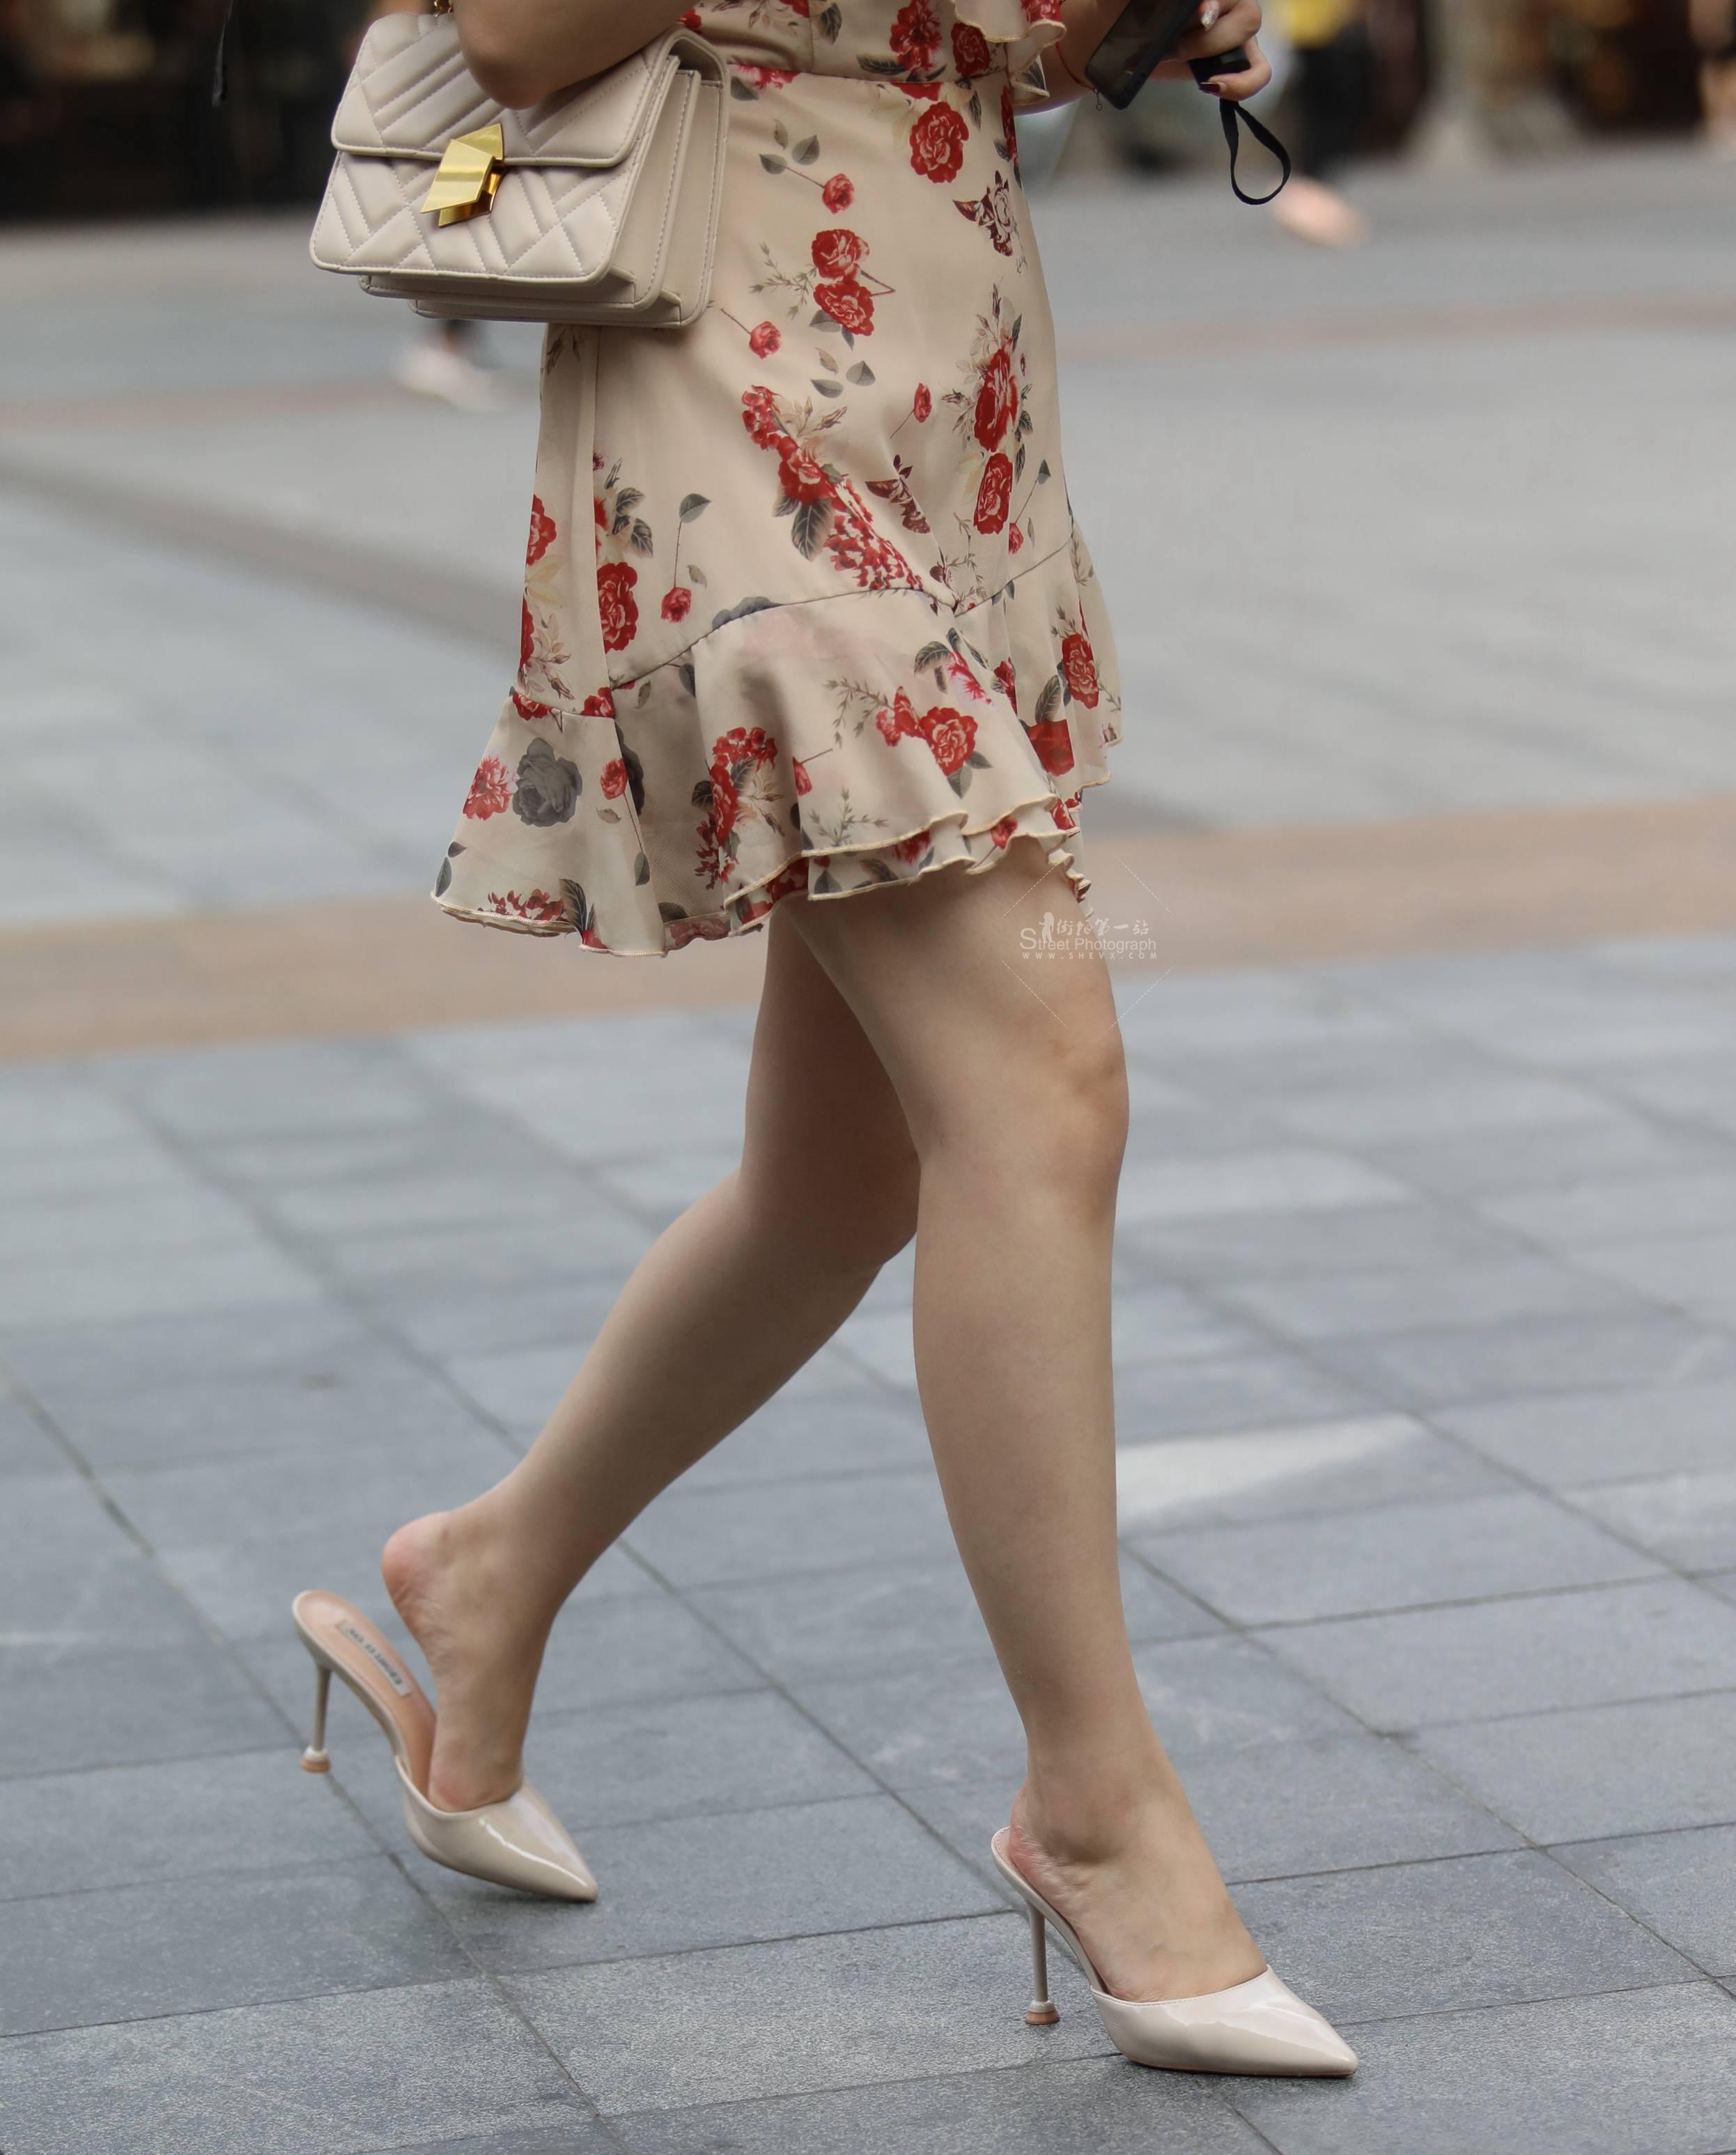 街拍高跟 【珏一笑而过】花裙 高跟Shao Fu 最新街拍丝袜图片 街拍丝袜第一站